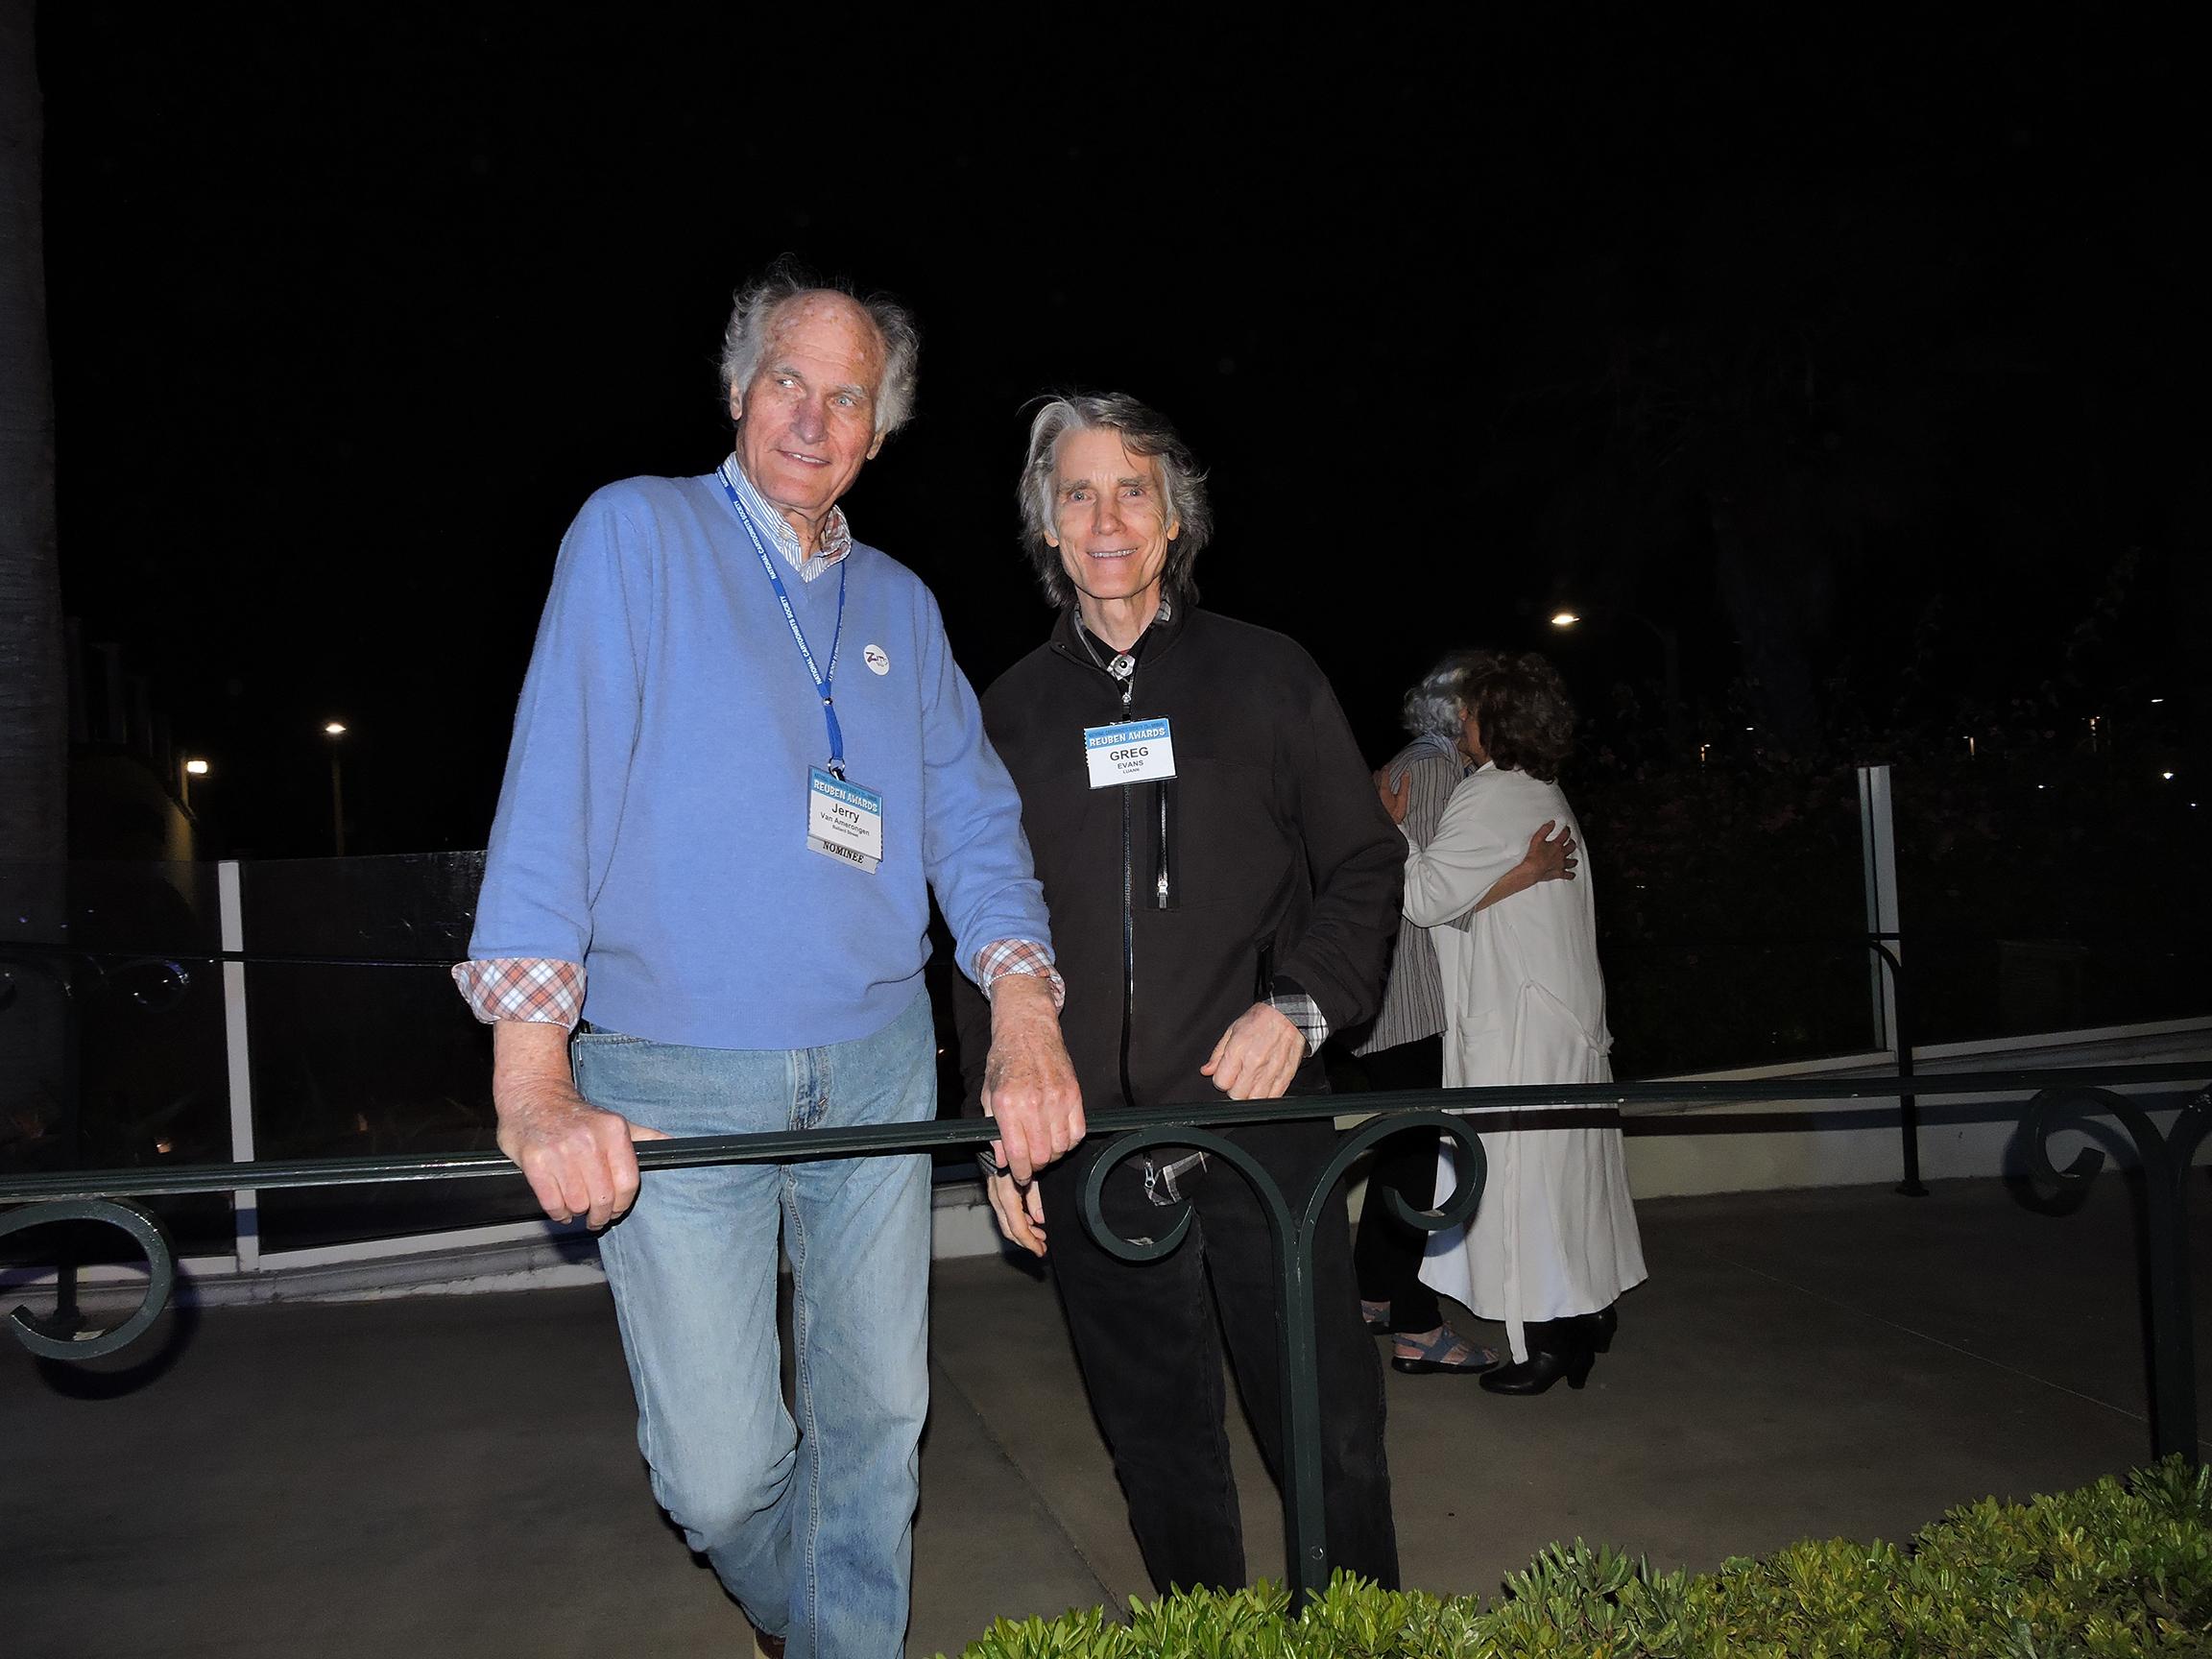 Jerry Van Amerongen (left) and Greg Evans